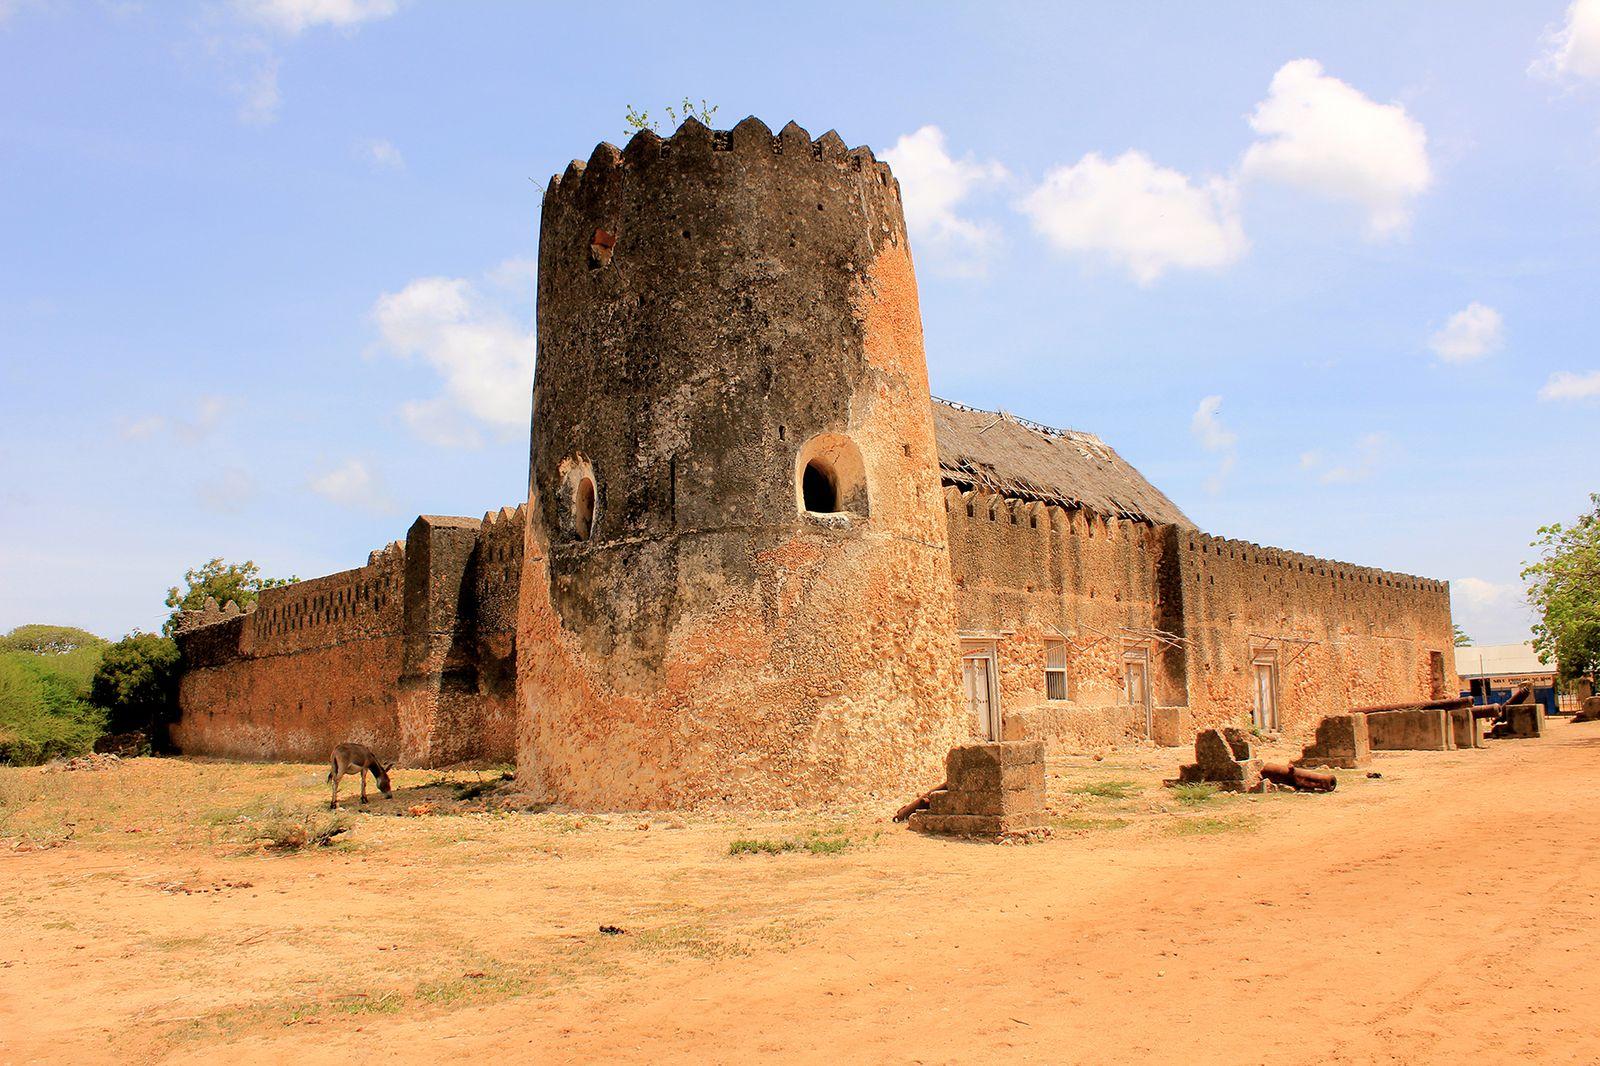 Siyu Fort on Pate Island in Kenya